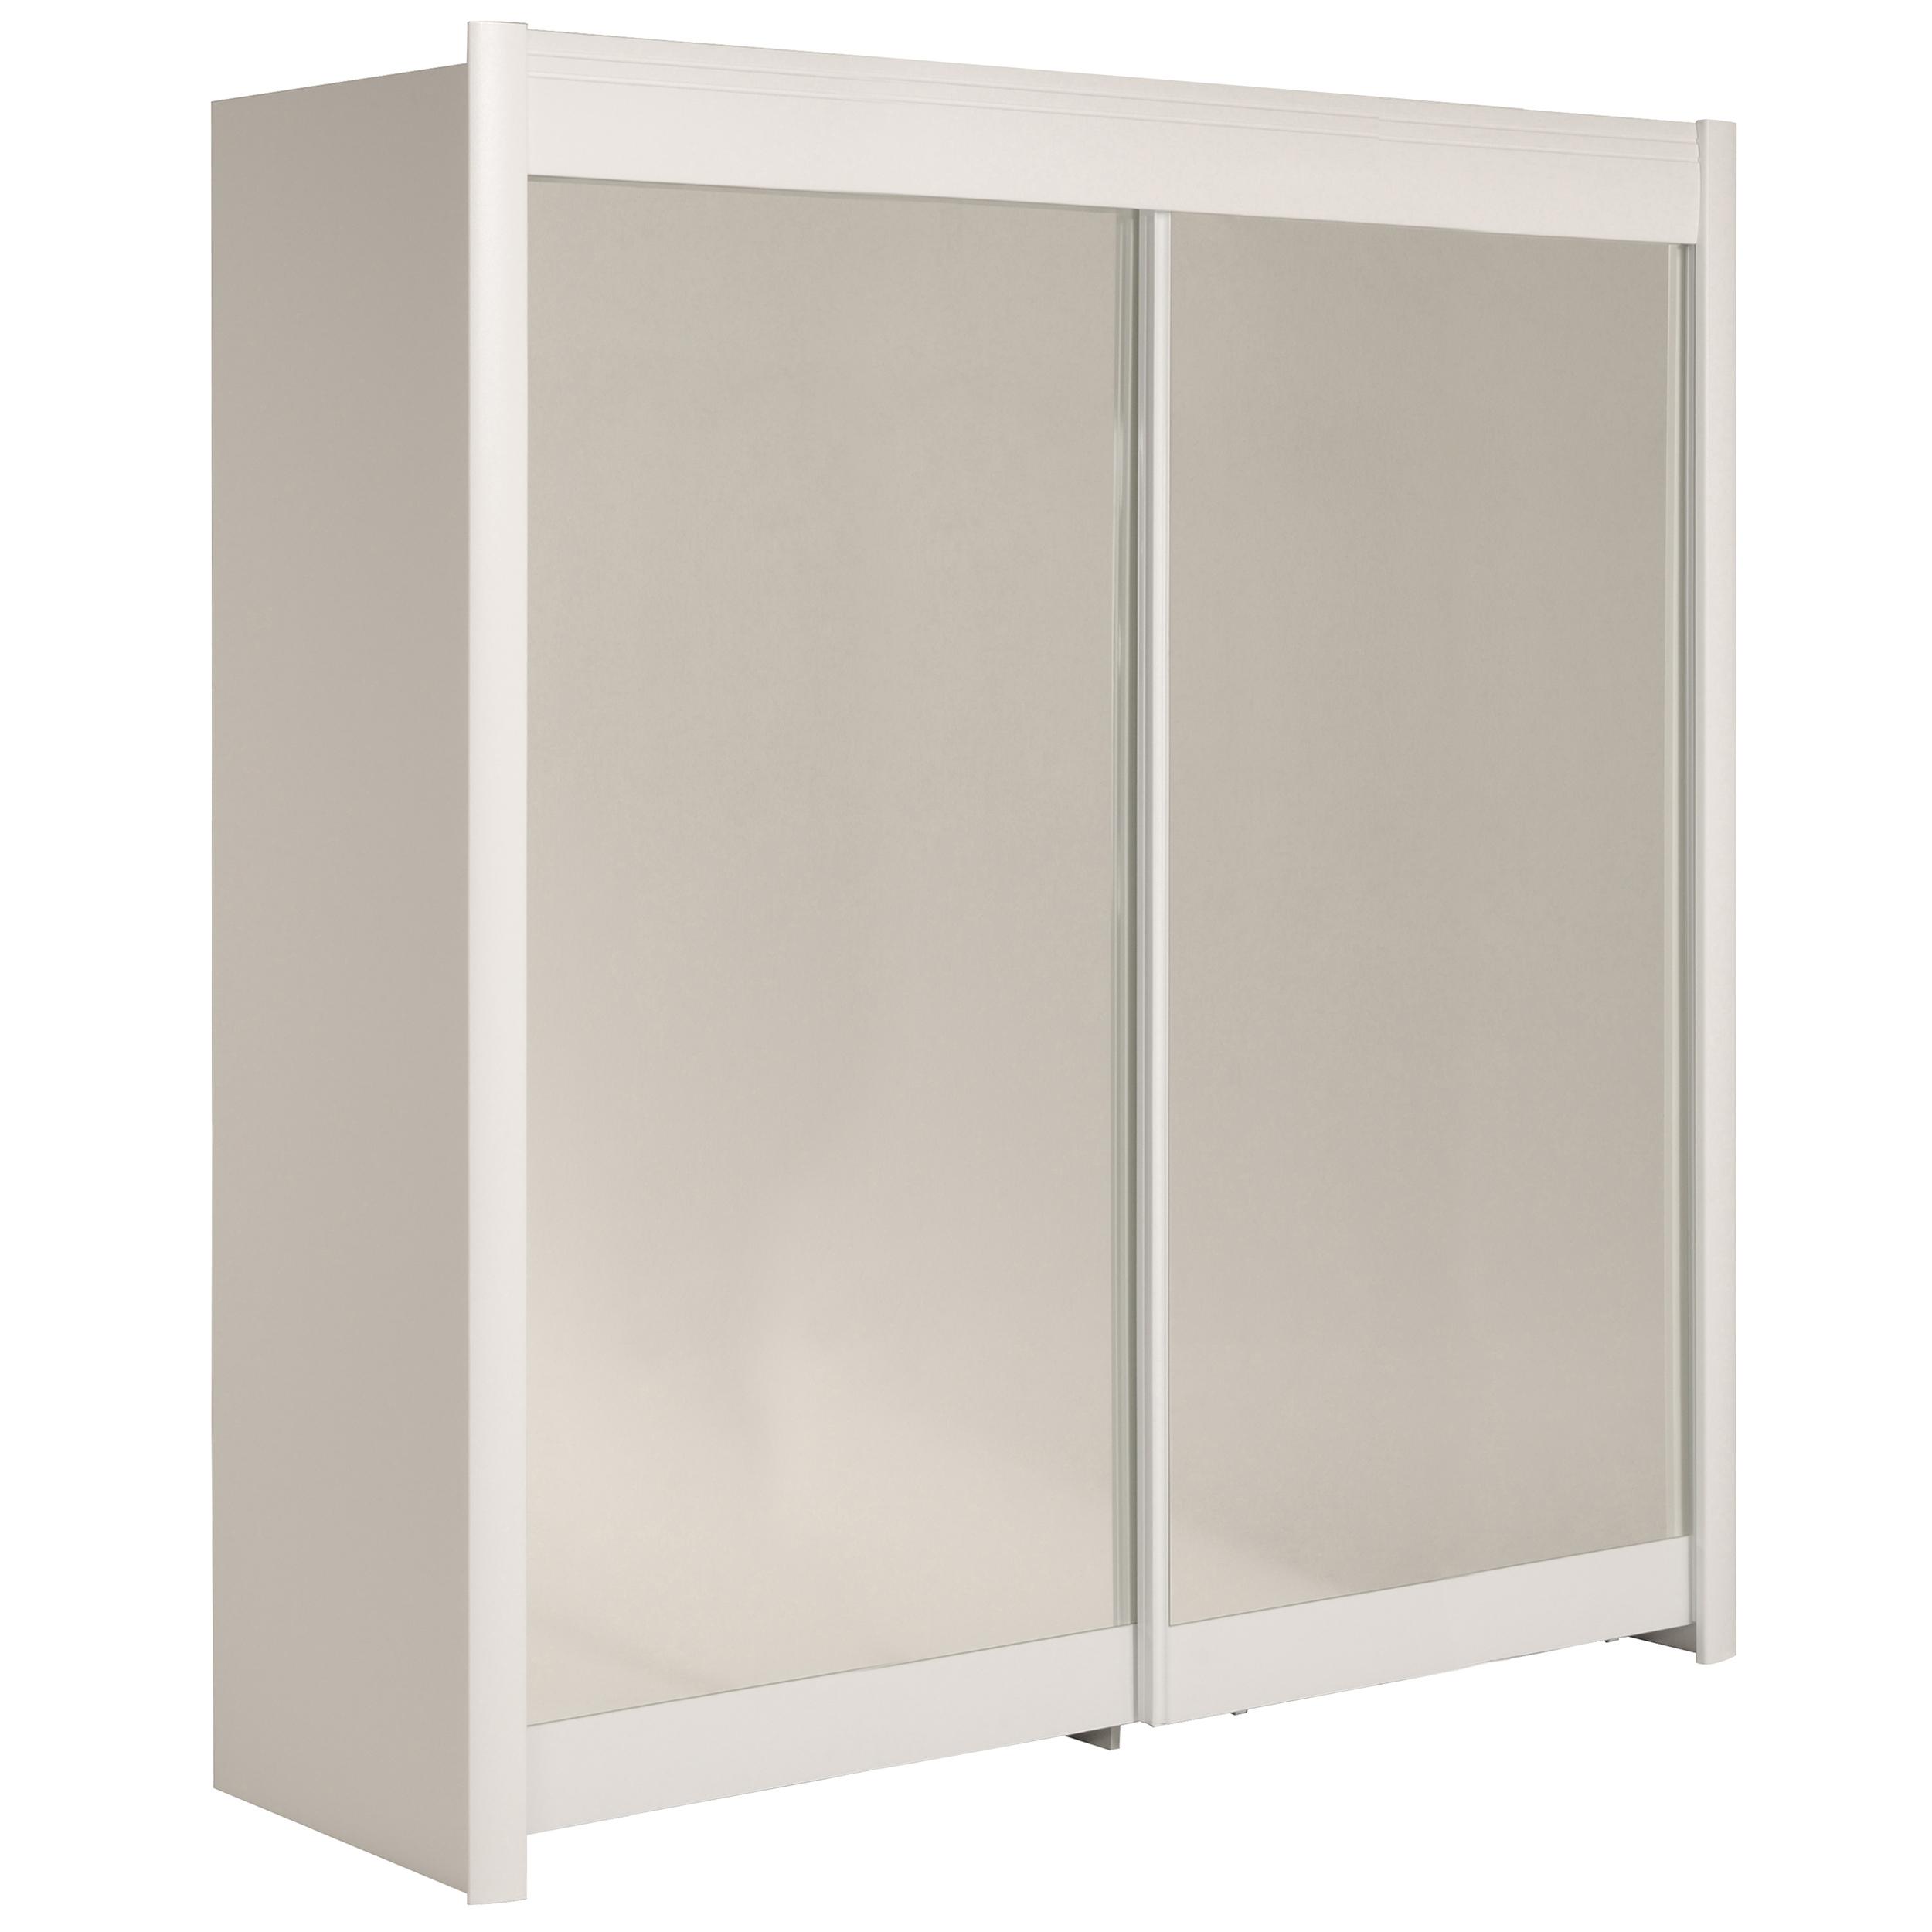 armoire 2 portes coulissantes bois blanc malix 200. Black Bedroom Furniture Sets. Home Design Ideas